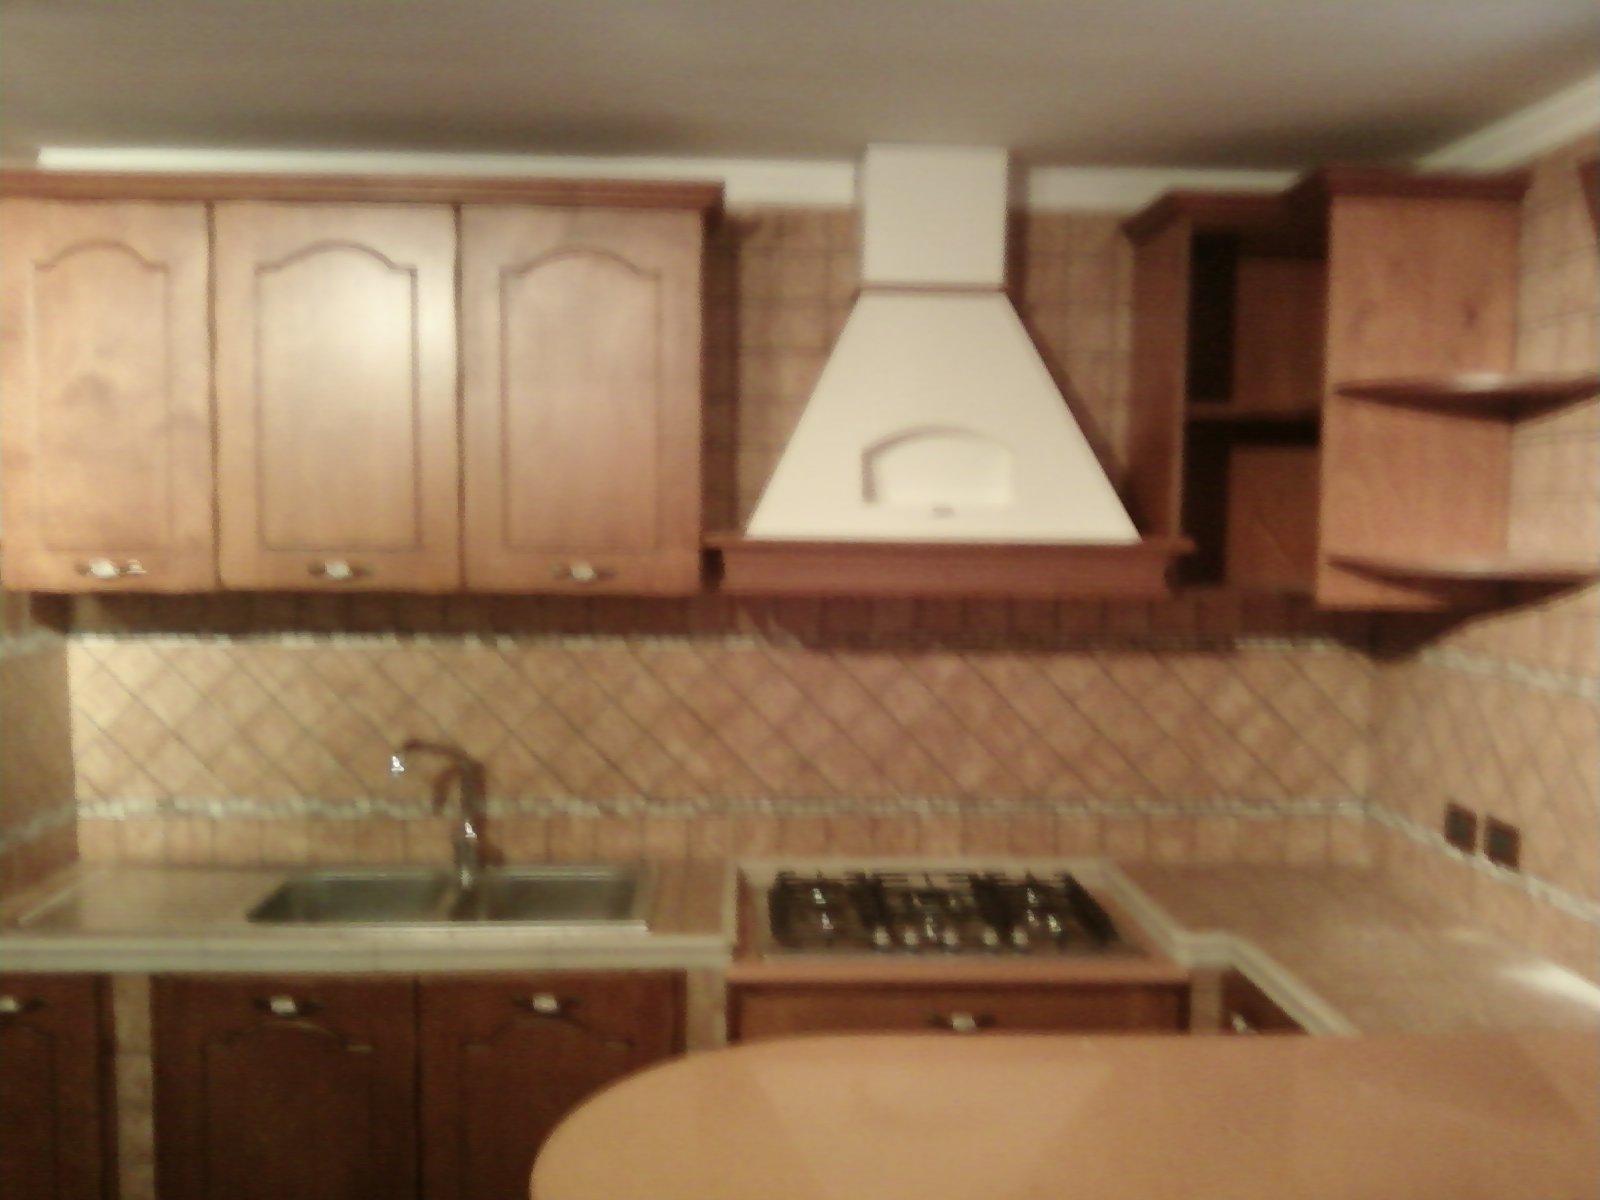 Fai da te hobby legno cucina in muratura - Pensili cucina fai da te ...